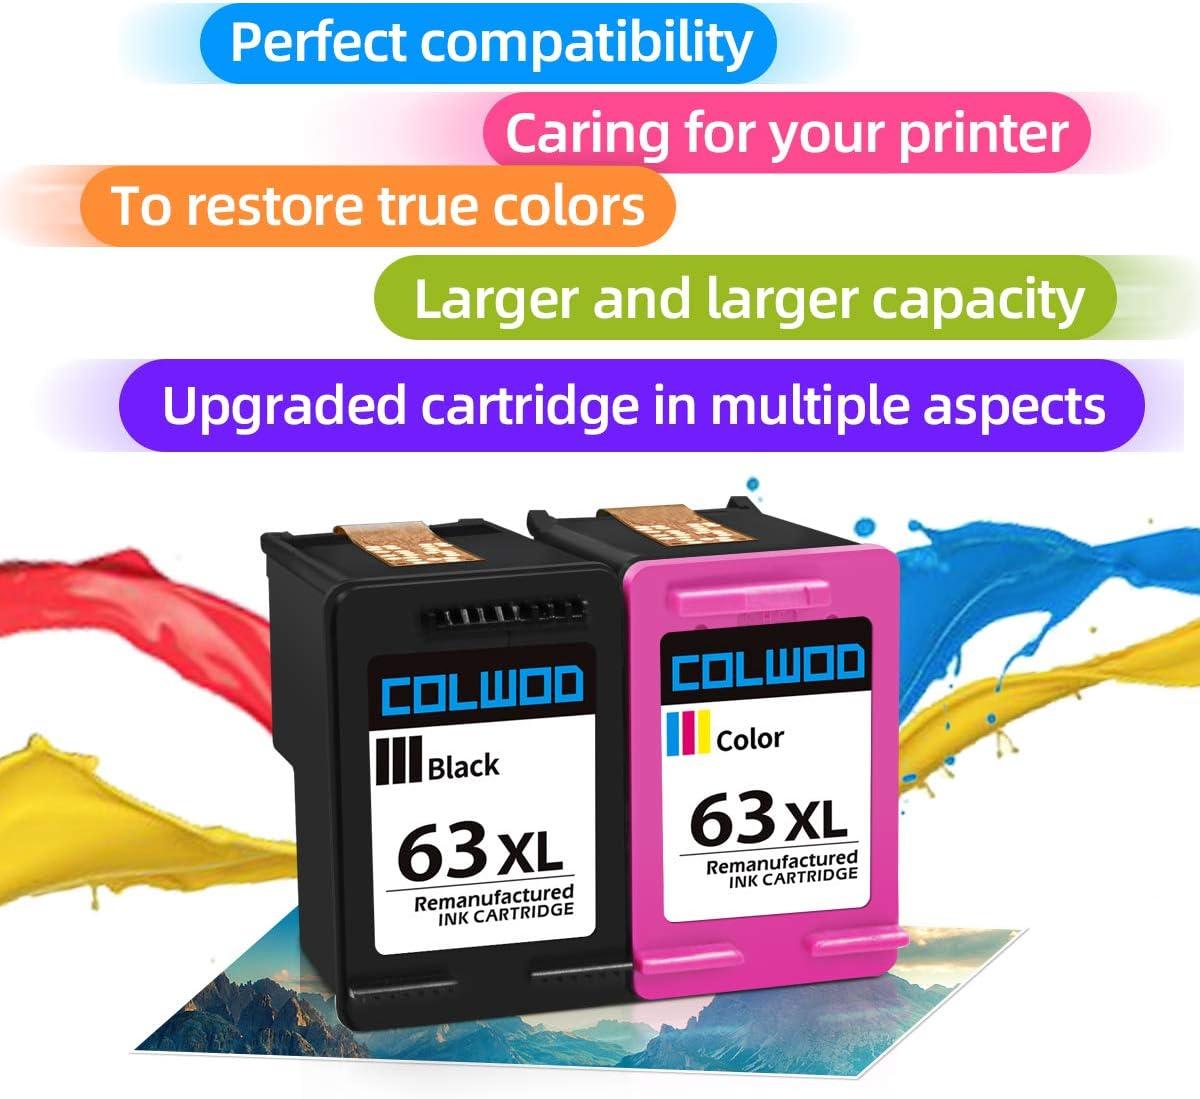 840 Myriad Re-Manufactured Inkjet Cartridges C6625D 5 Inkjet Cartridges 841 etc; Multi Color Ink Replacement for HP C6625A 17; Models: Deskjet 825 Bulk: RC6625